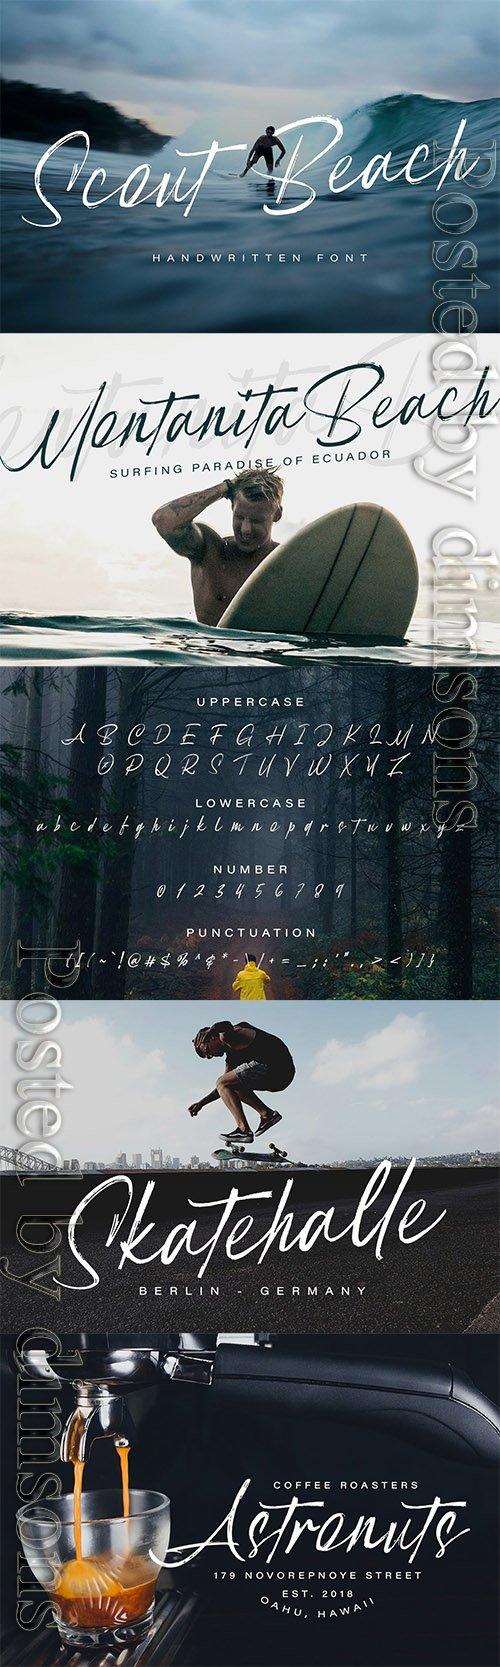 Scout Beach - Handwritten Brush Font